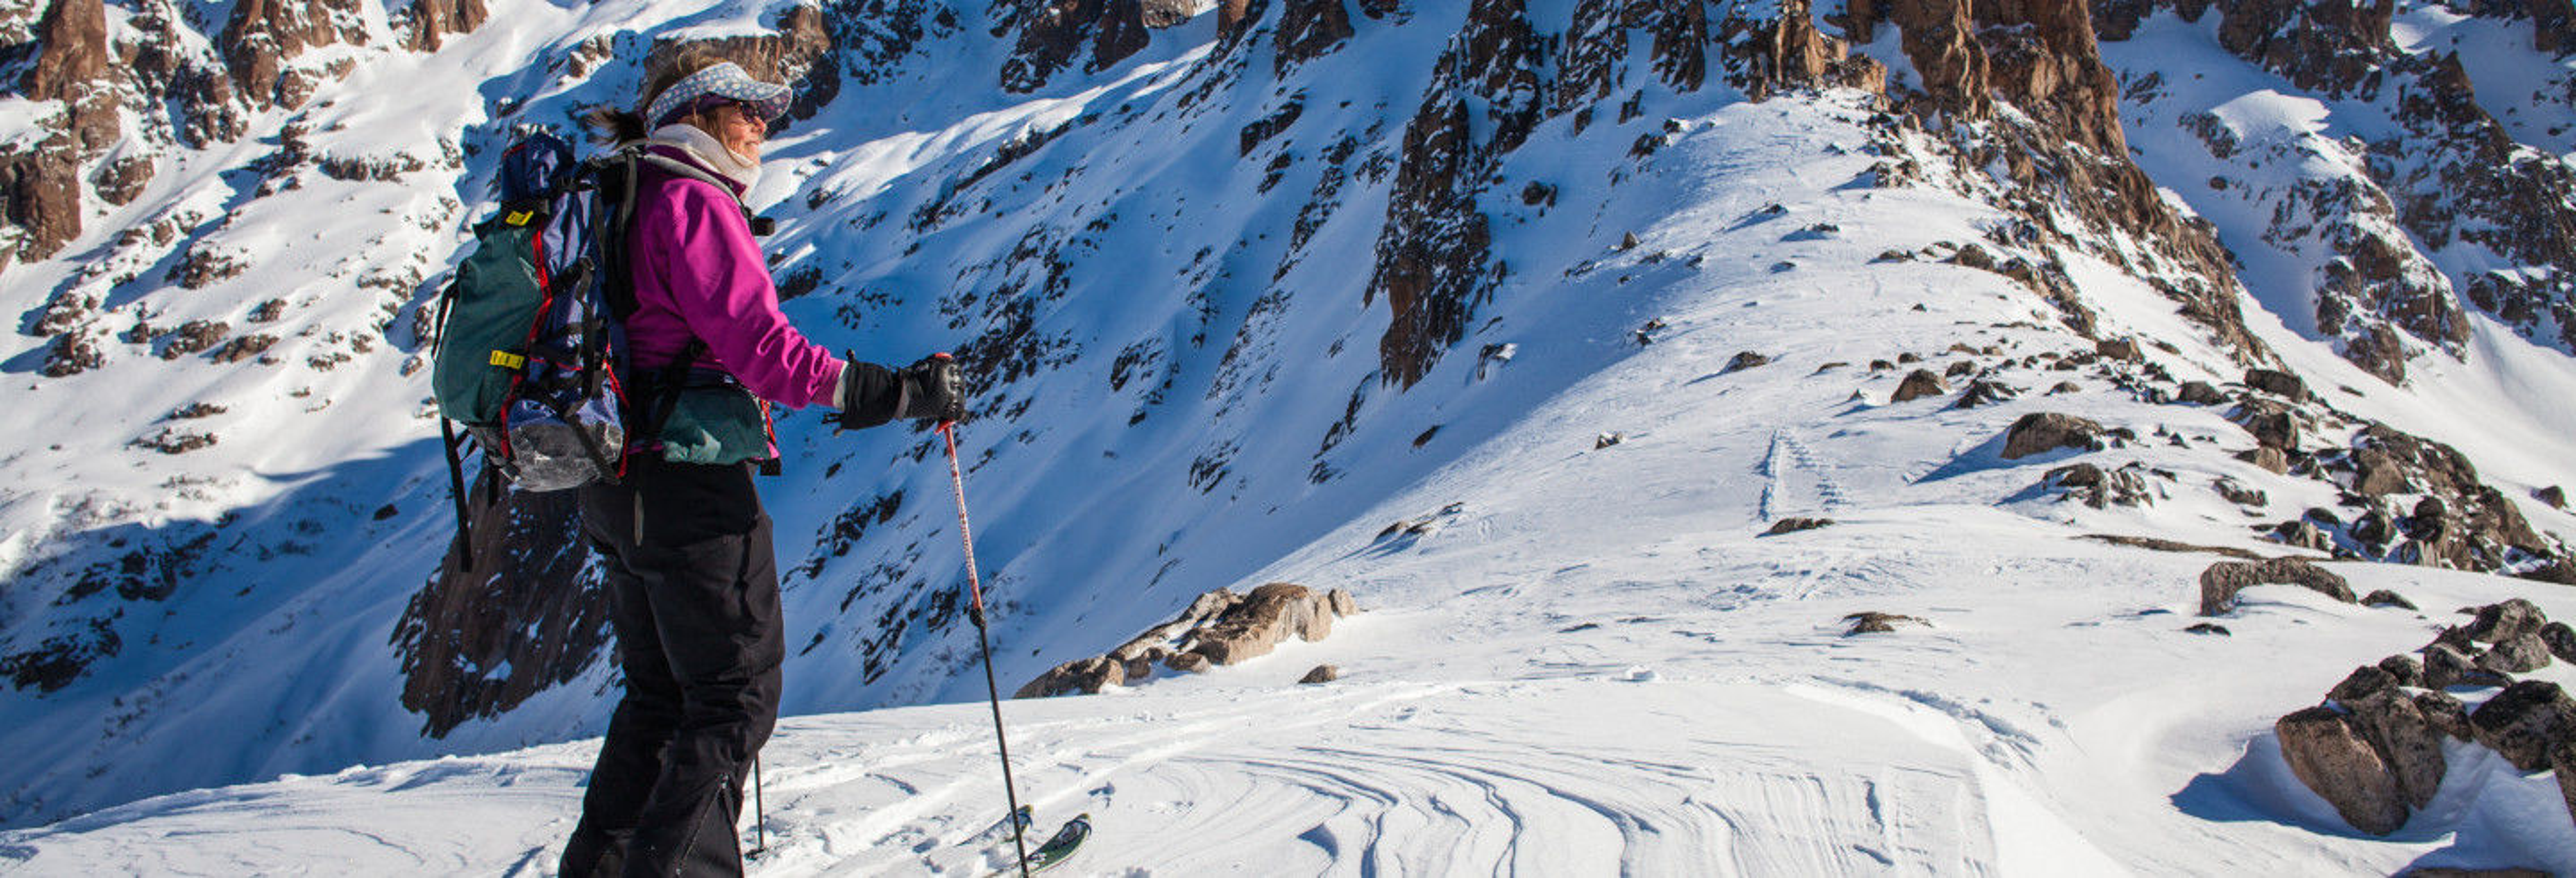 Aula de esqui no Cerro Catedral